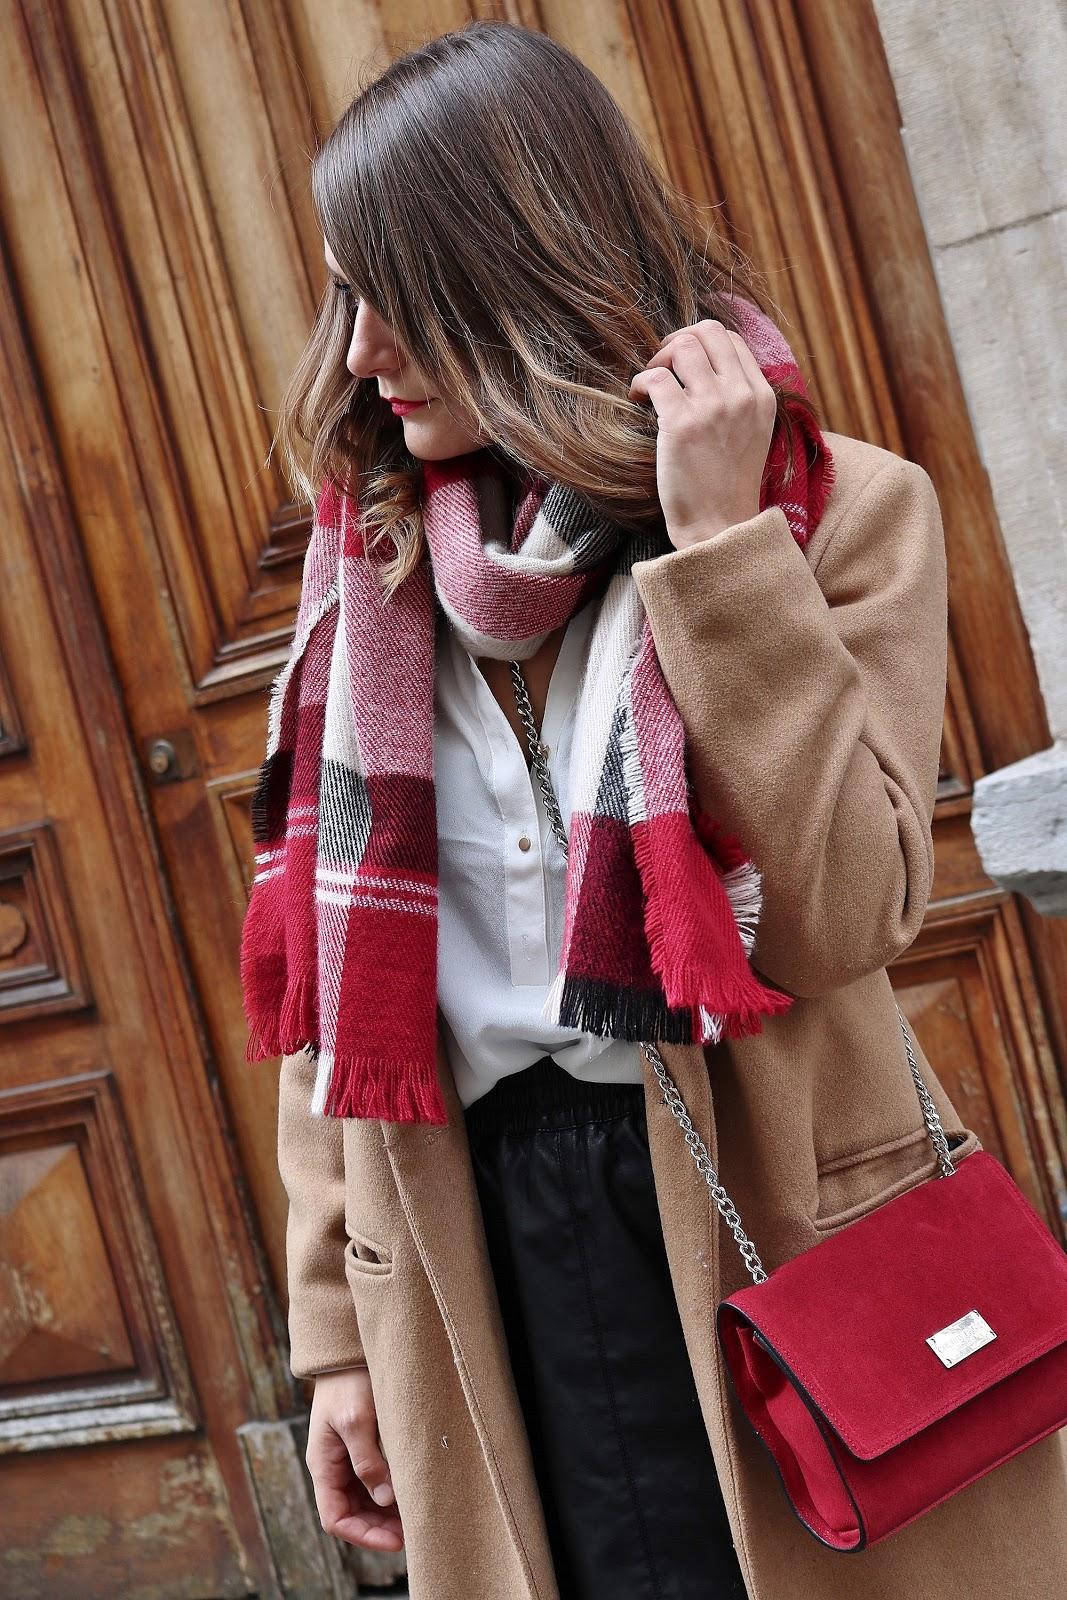 pauline dress blog mode déco lifestyle besancon tenue octobre 2017 cuissardes jupe similicuir blouse blanche manteau camel sac rouge grosse echarpe zoom